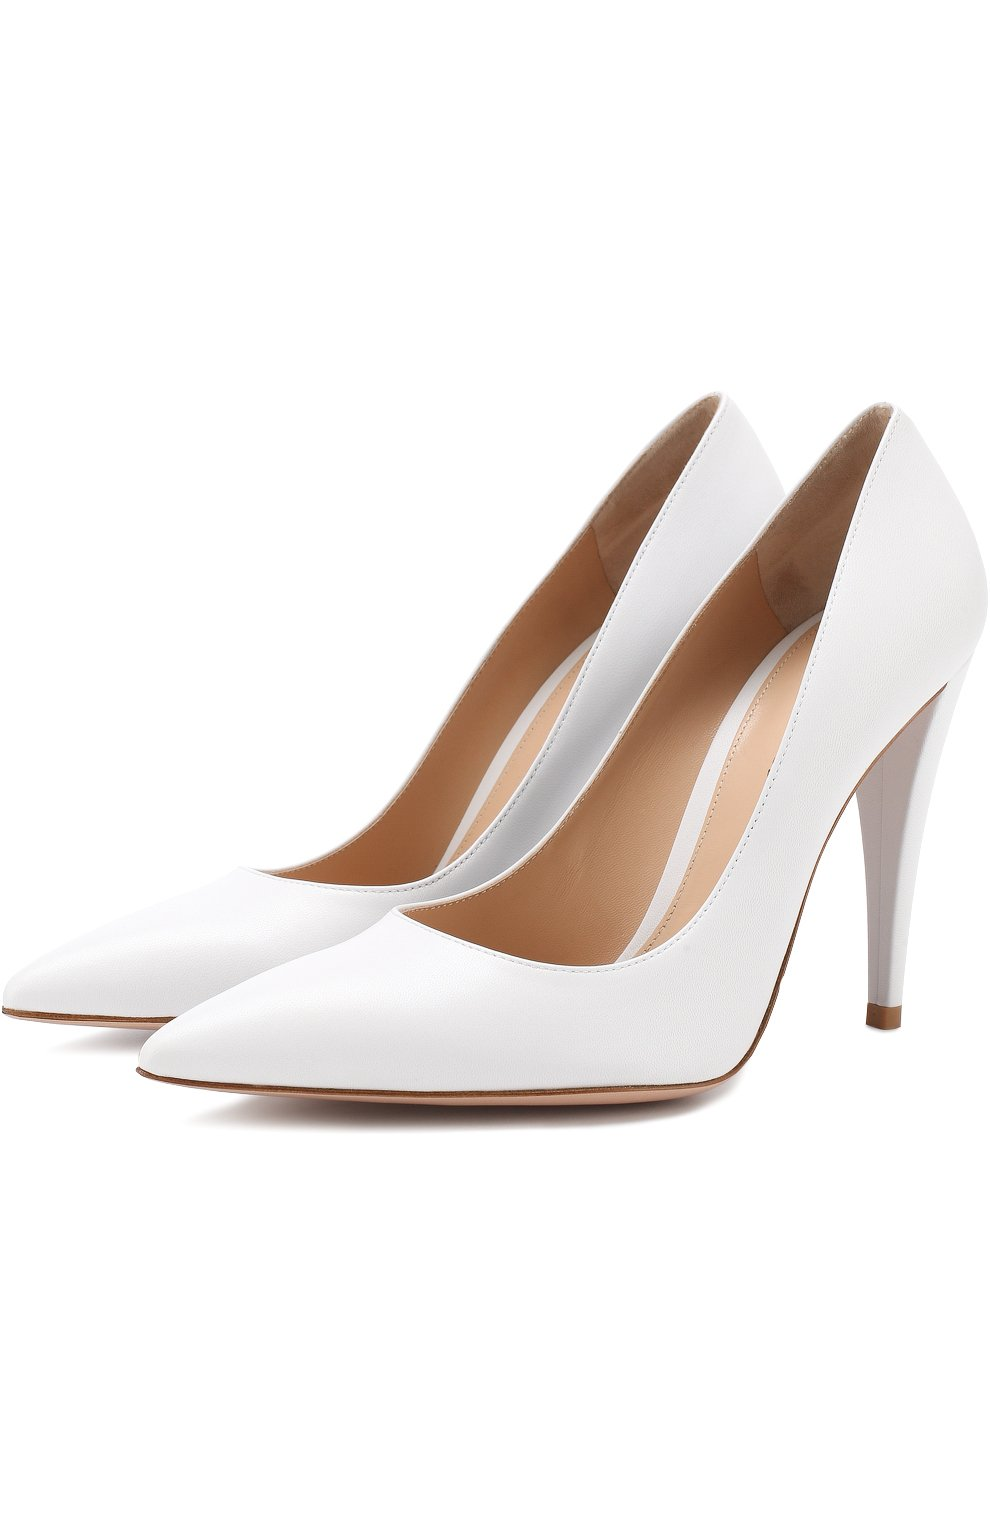 Кожаные туфли на устойчивом каблуке Gianvito Rossi белые | Фото №1